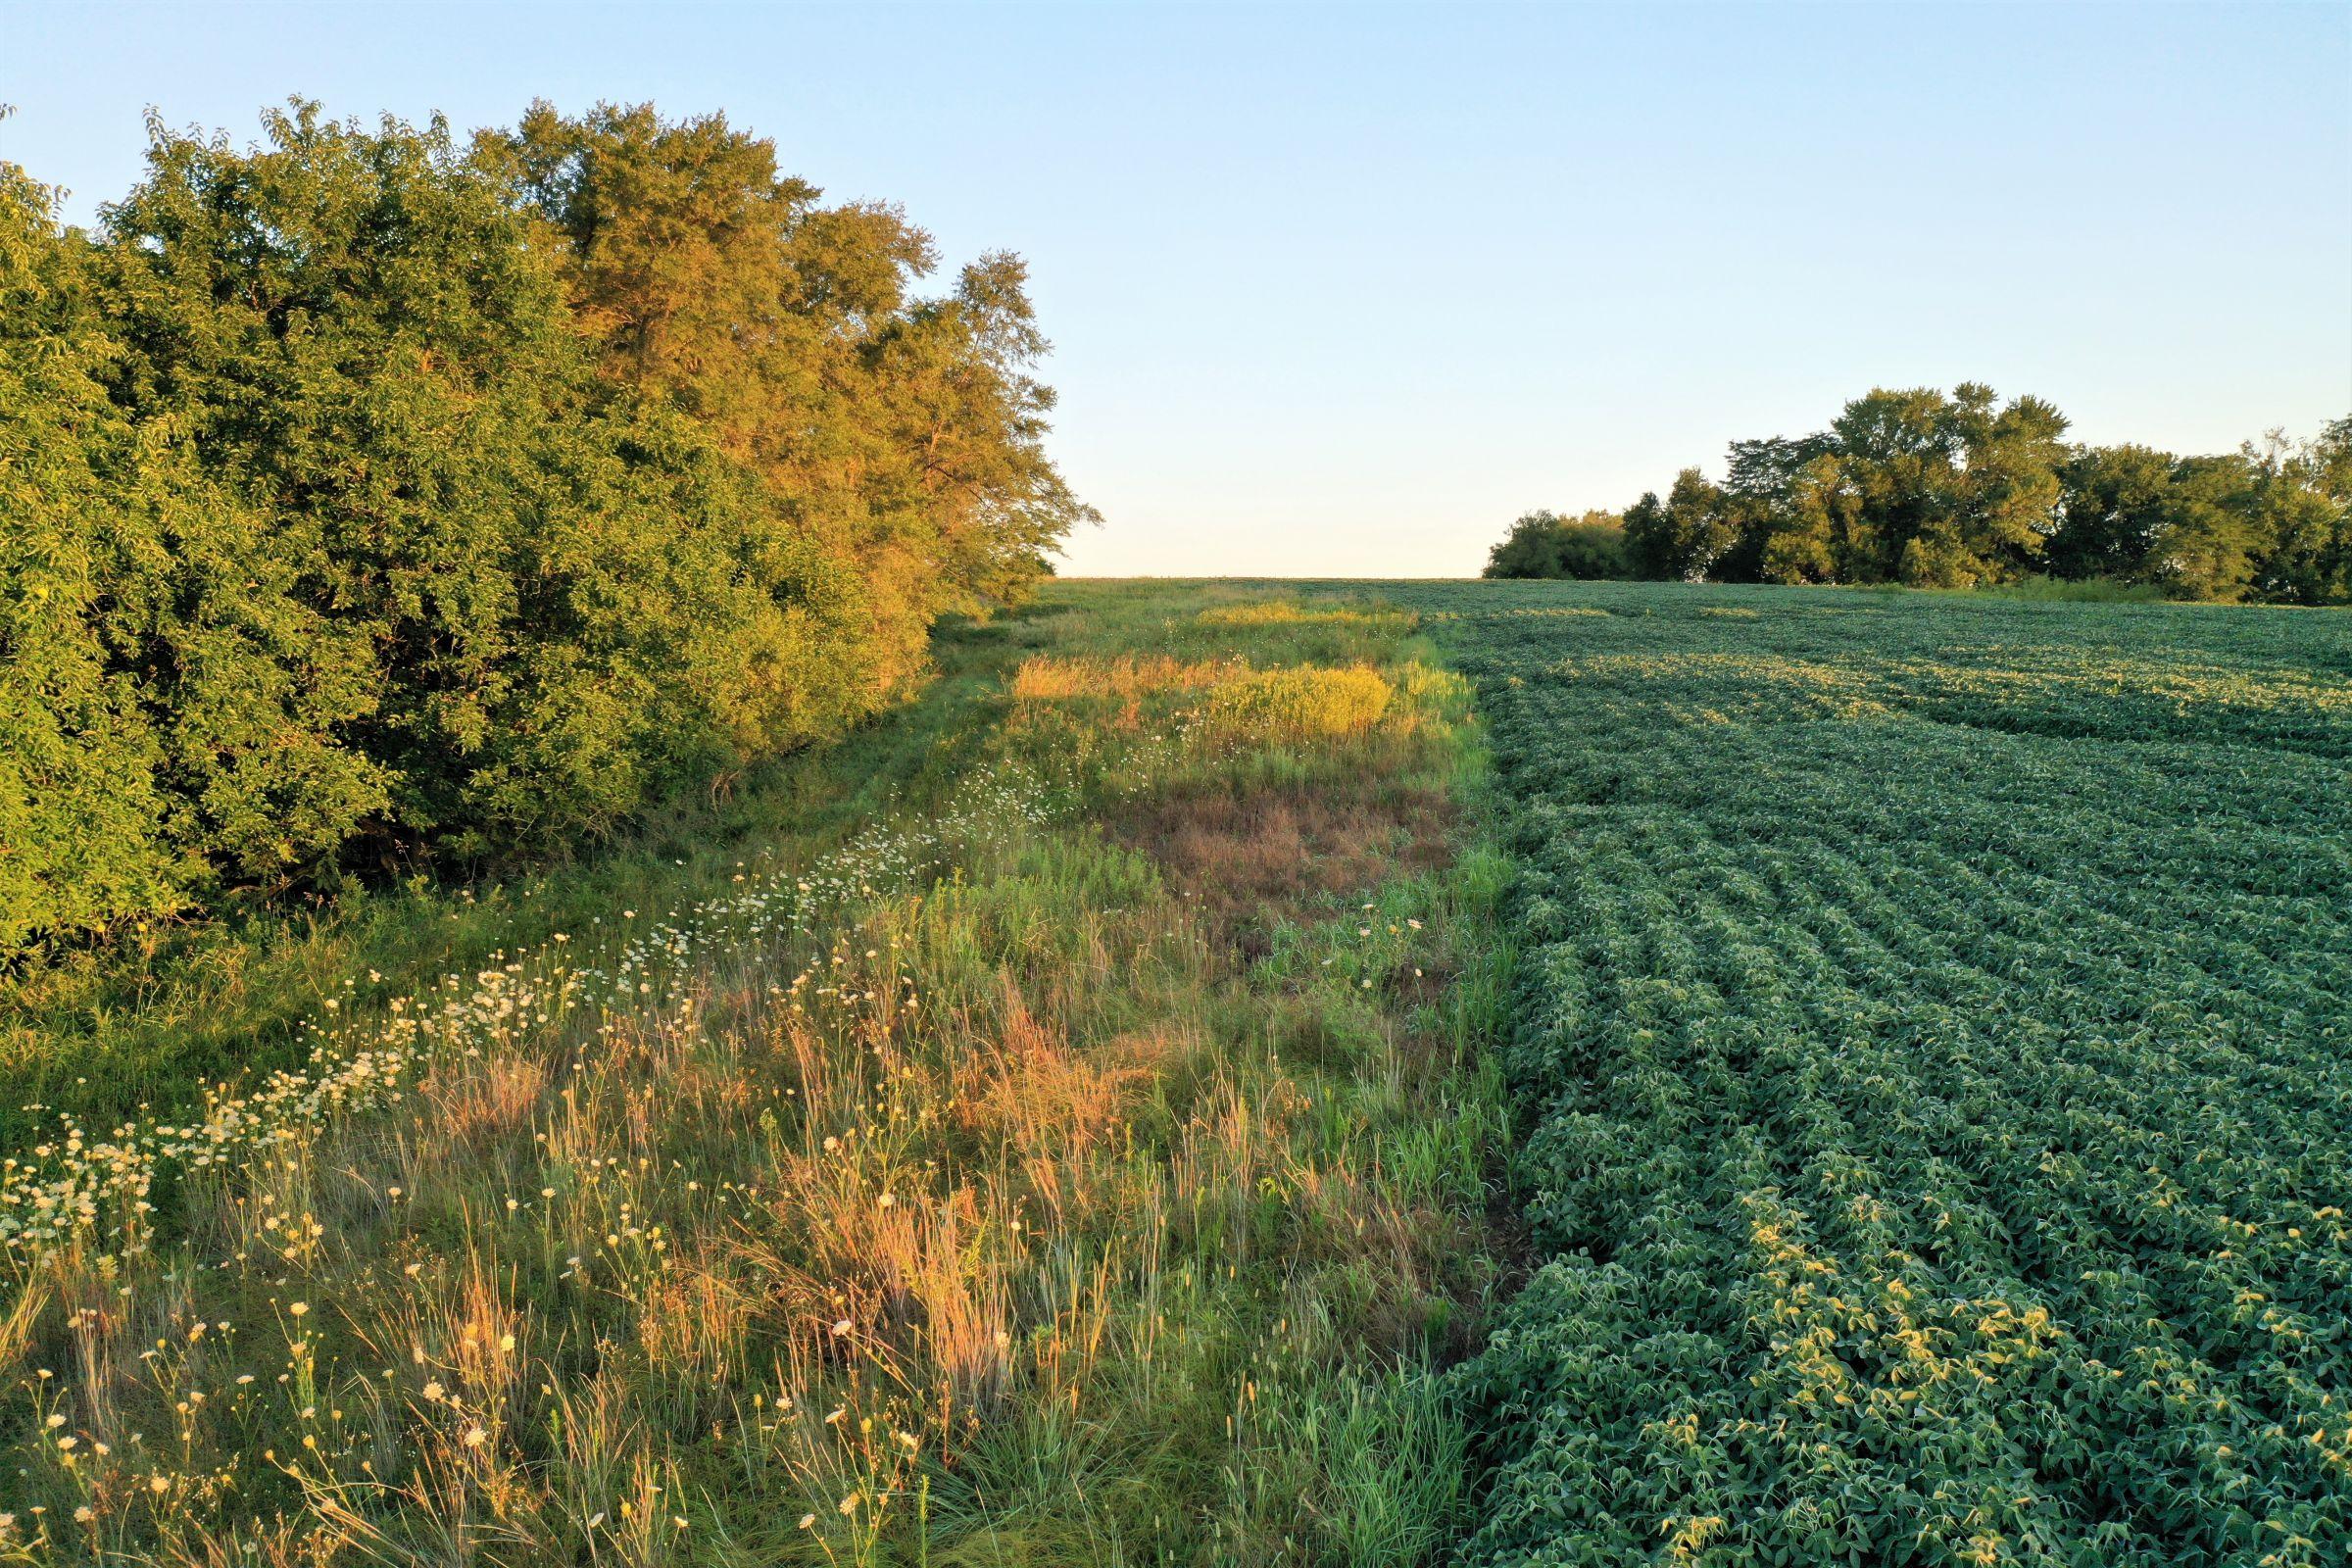 warren-county-iowa-40-acres-listing-number-15145-3-2020-08-28-144258.jpg